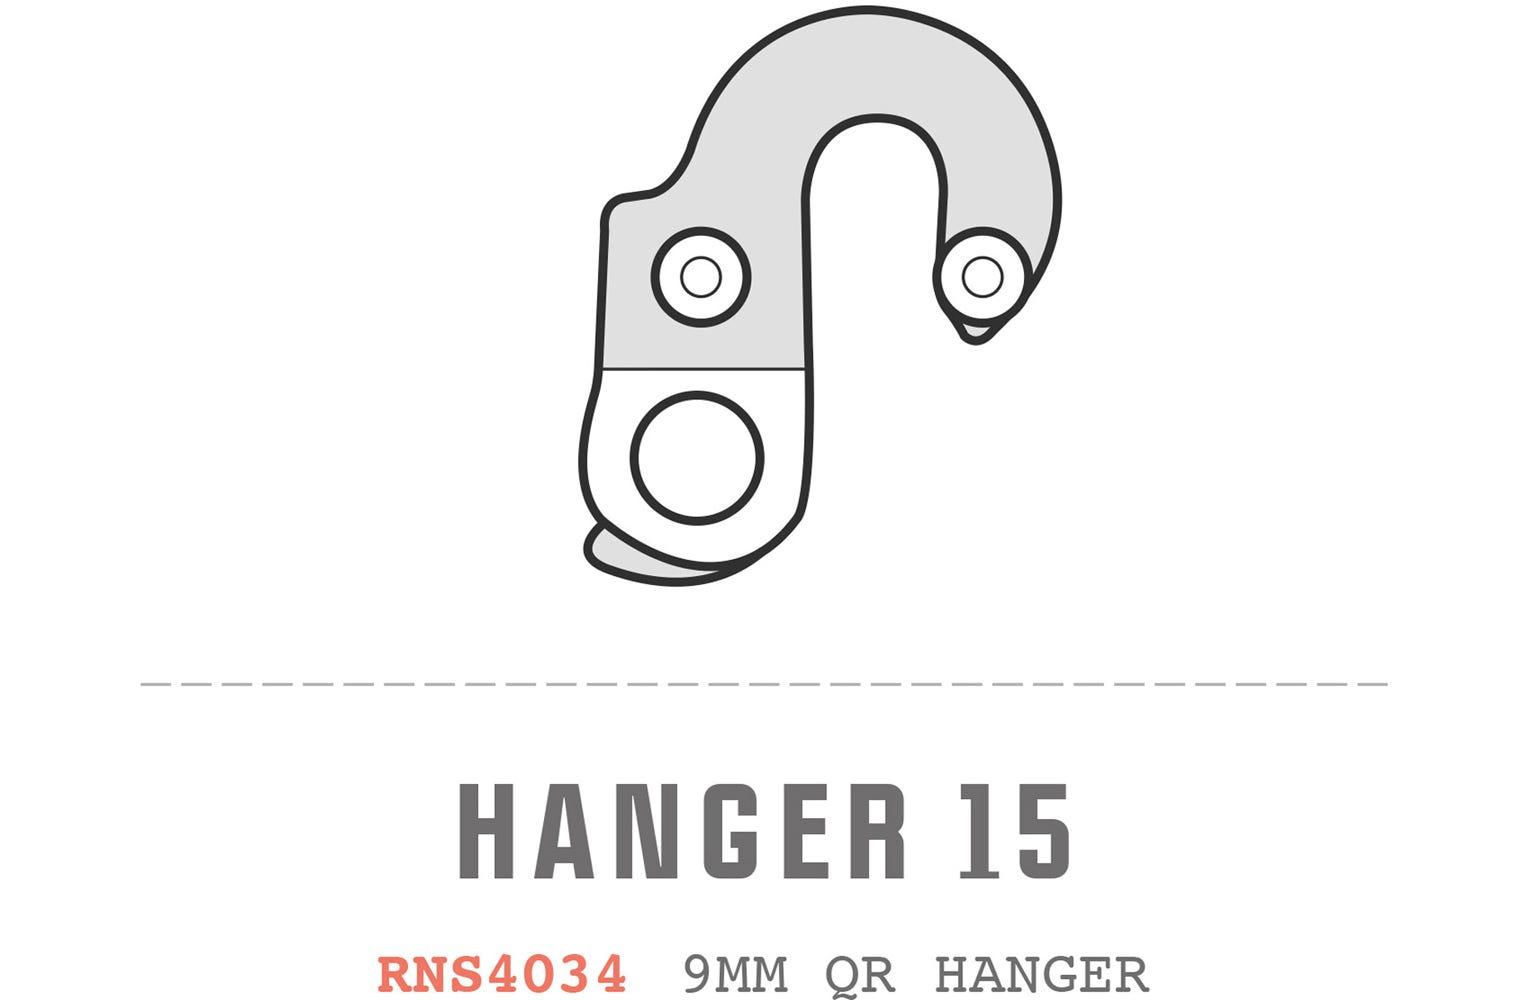 Saracen Hanger 15 fits: All Tufftrax 2012 Models, All Tufftrax 2013 Models, Kili Exper